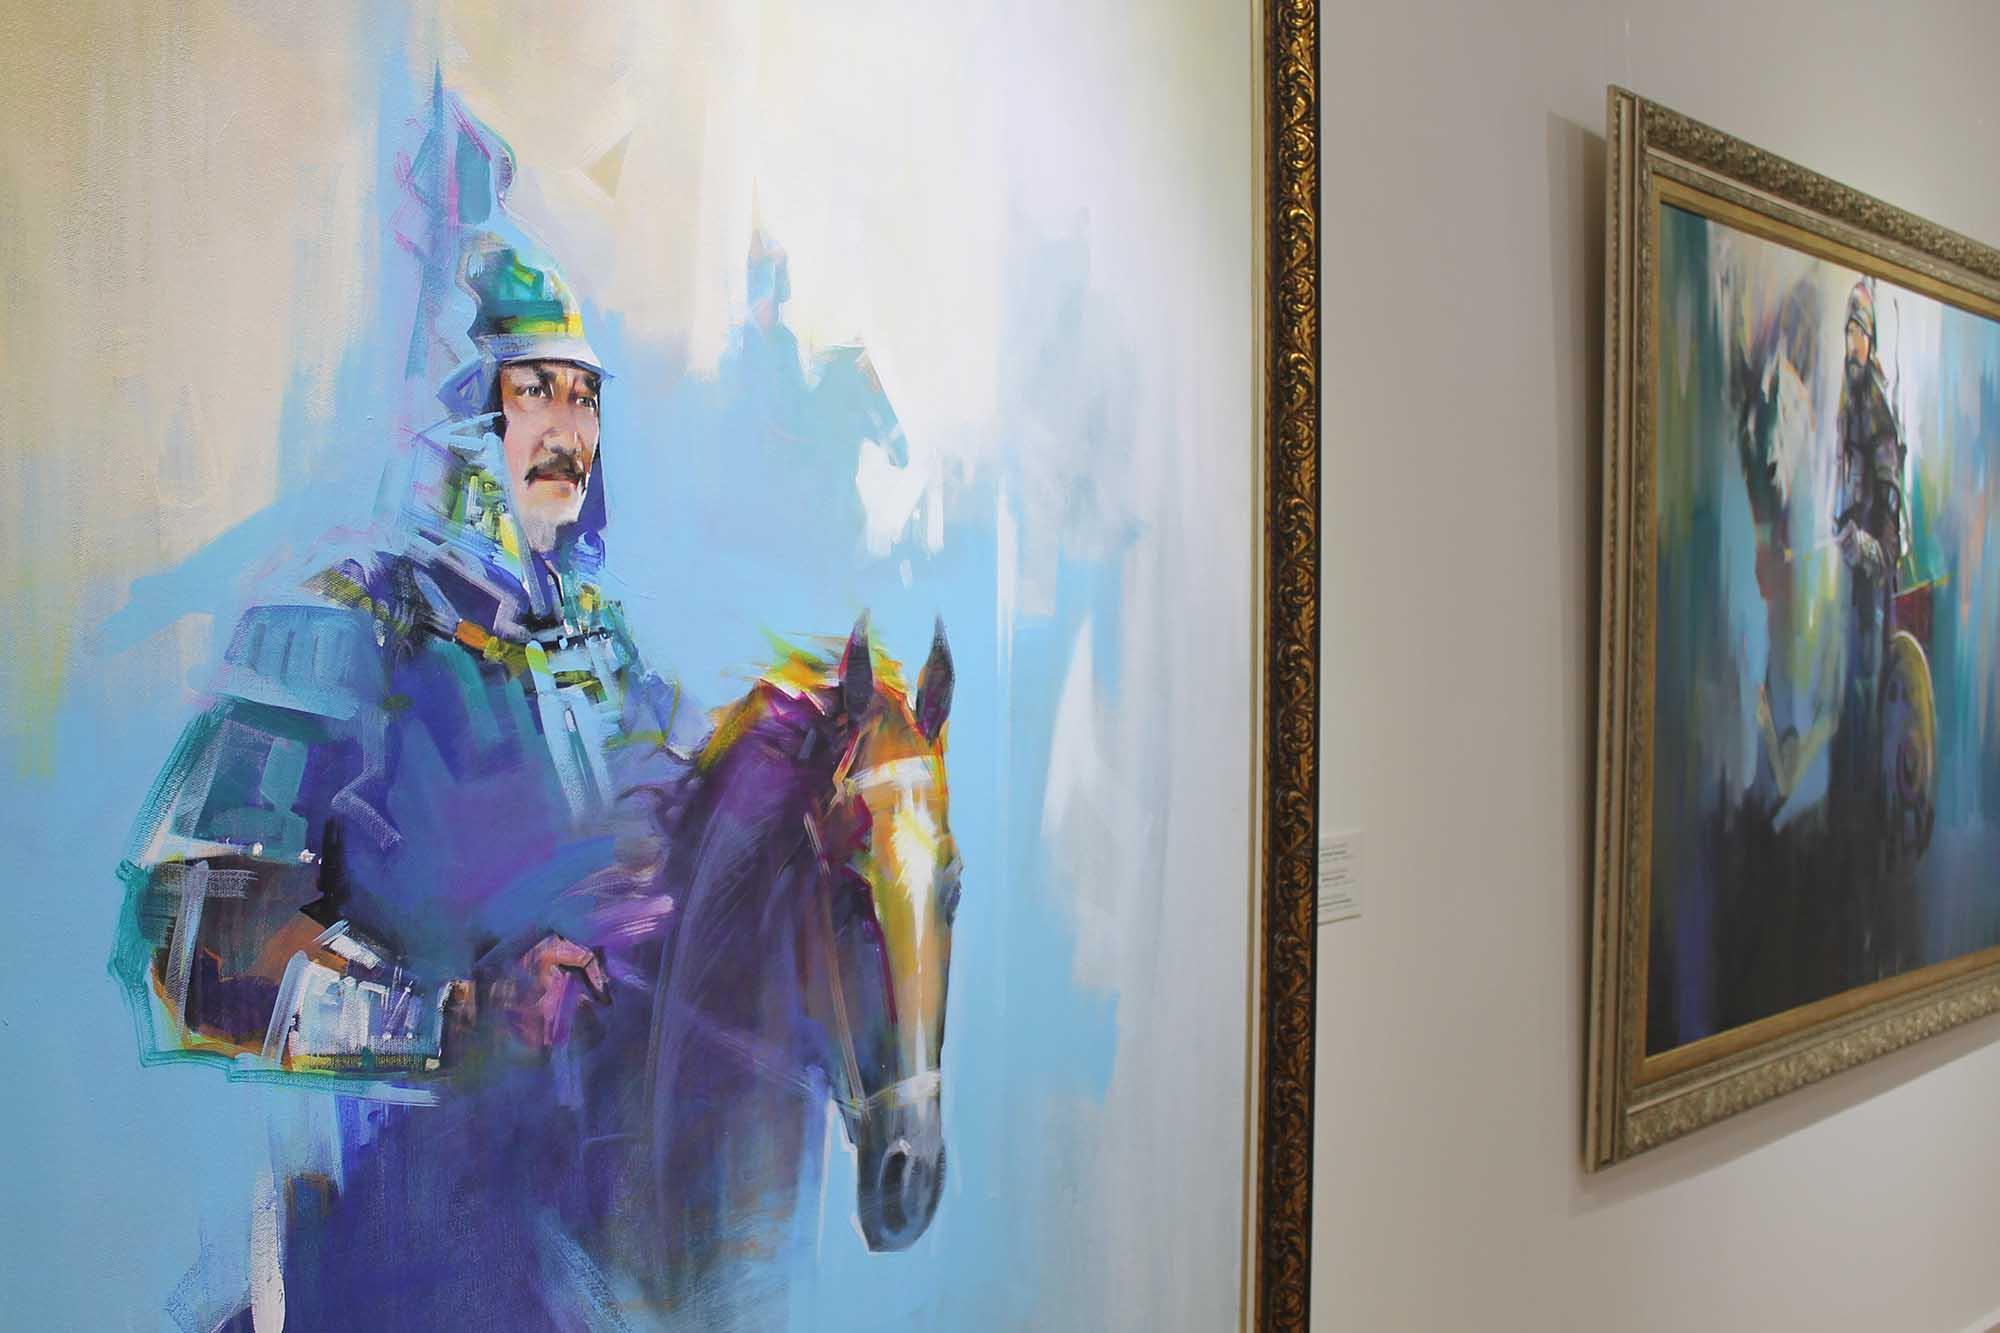 ҚР Қарулы күштерінің Әскери-тарихи музейі